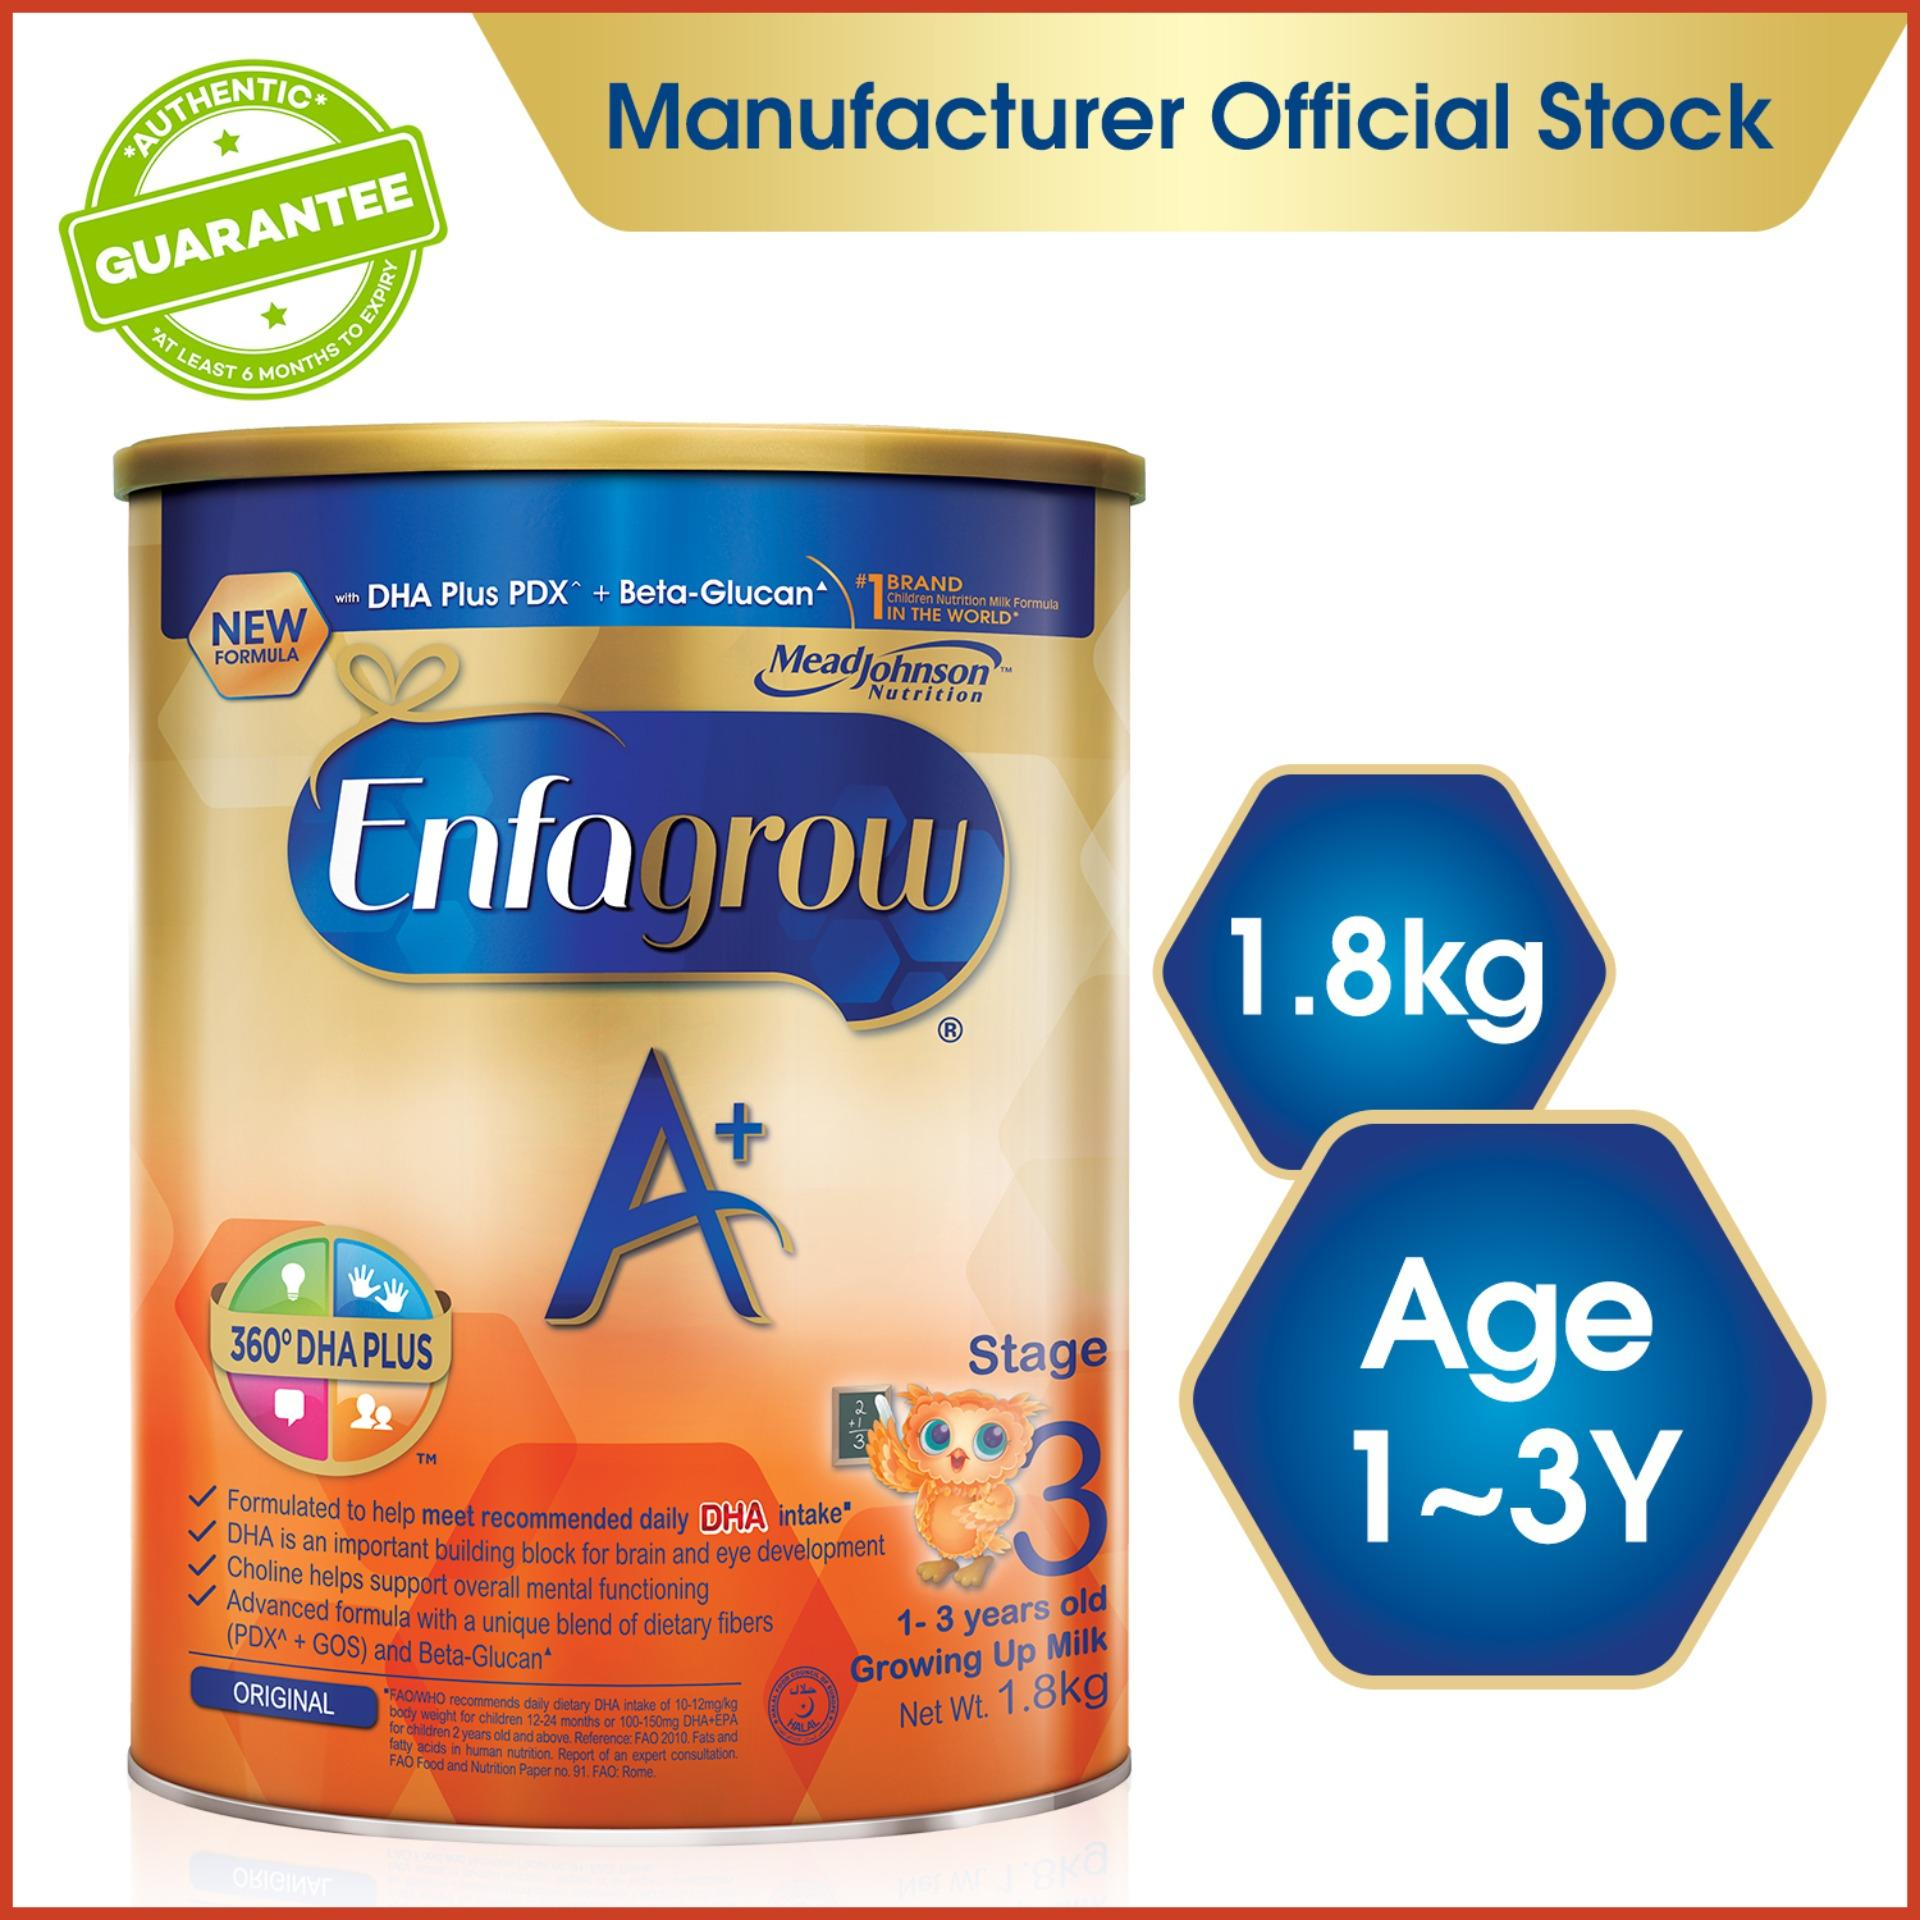 Enfagrow A+ Stage 3 Baby Formula Milk Powder 360dha+ (1-3y) 1.8kg By Lazada Retail Enfagrow.